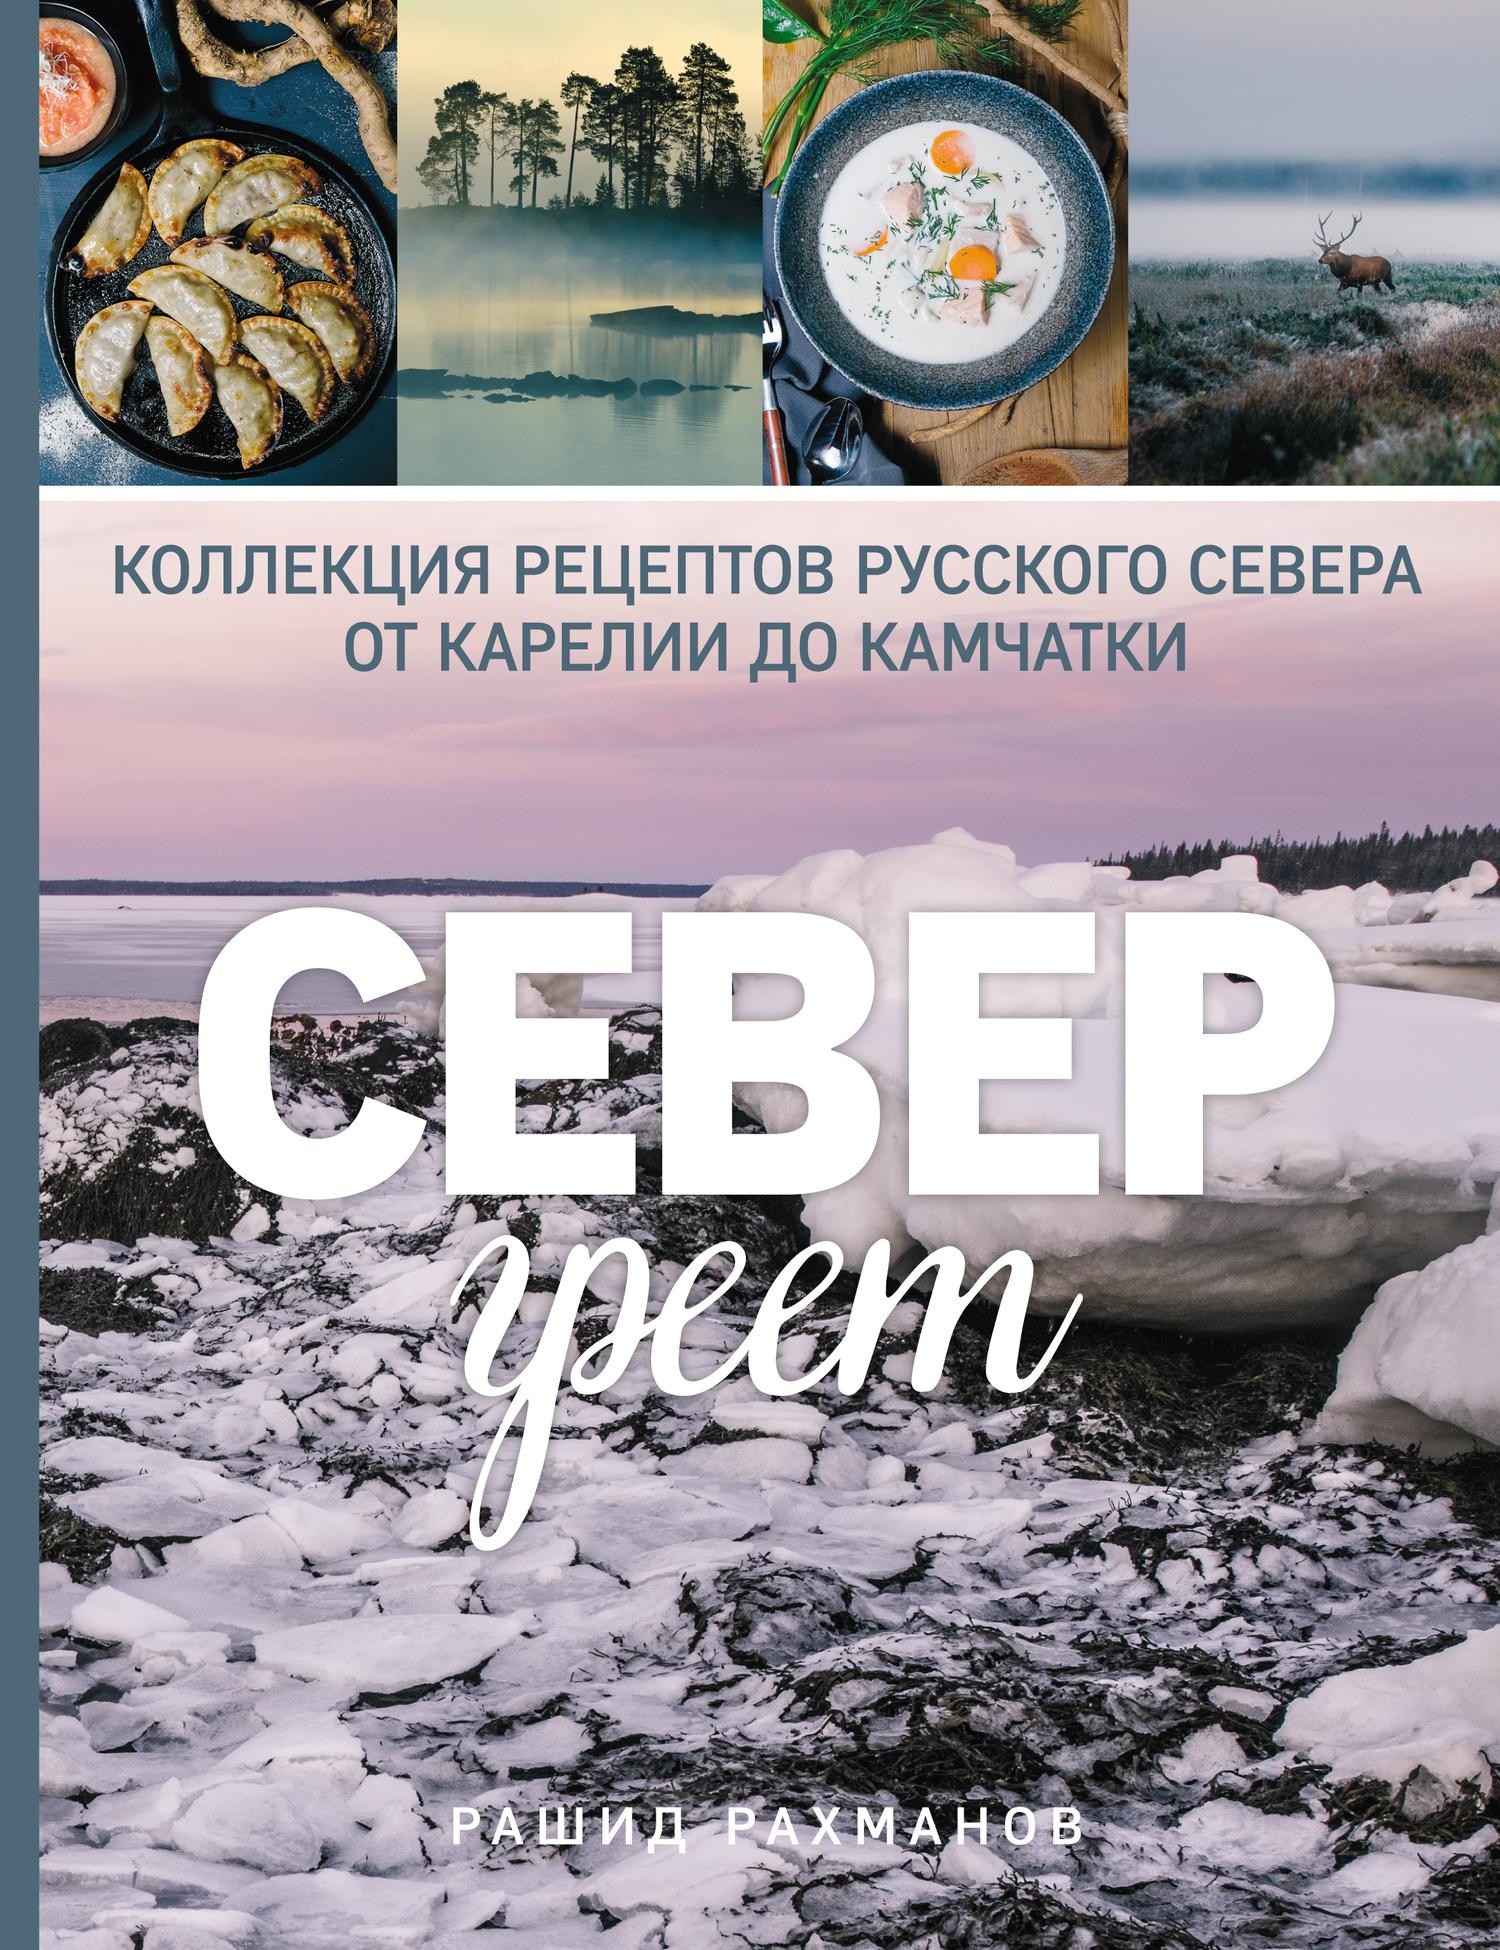 Рашид Рахманов. Север греет. Коллекция рецептов Русского Севера от Карелии до Камчатки